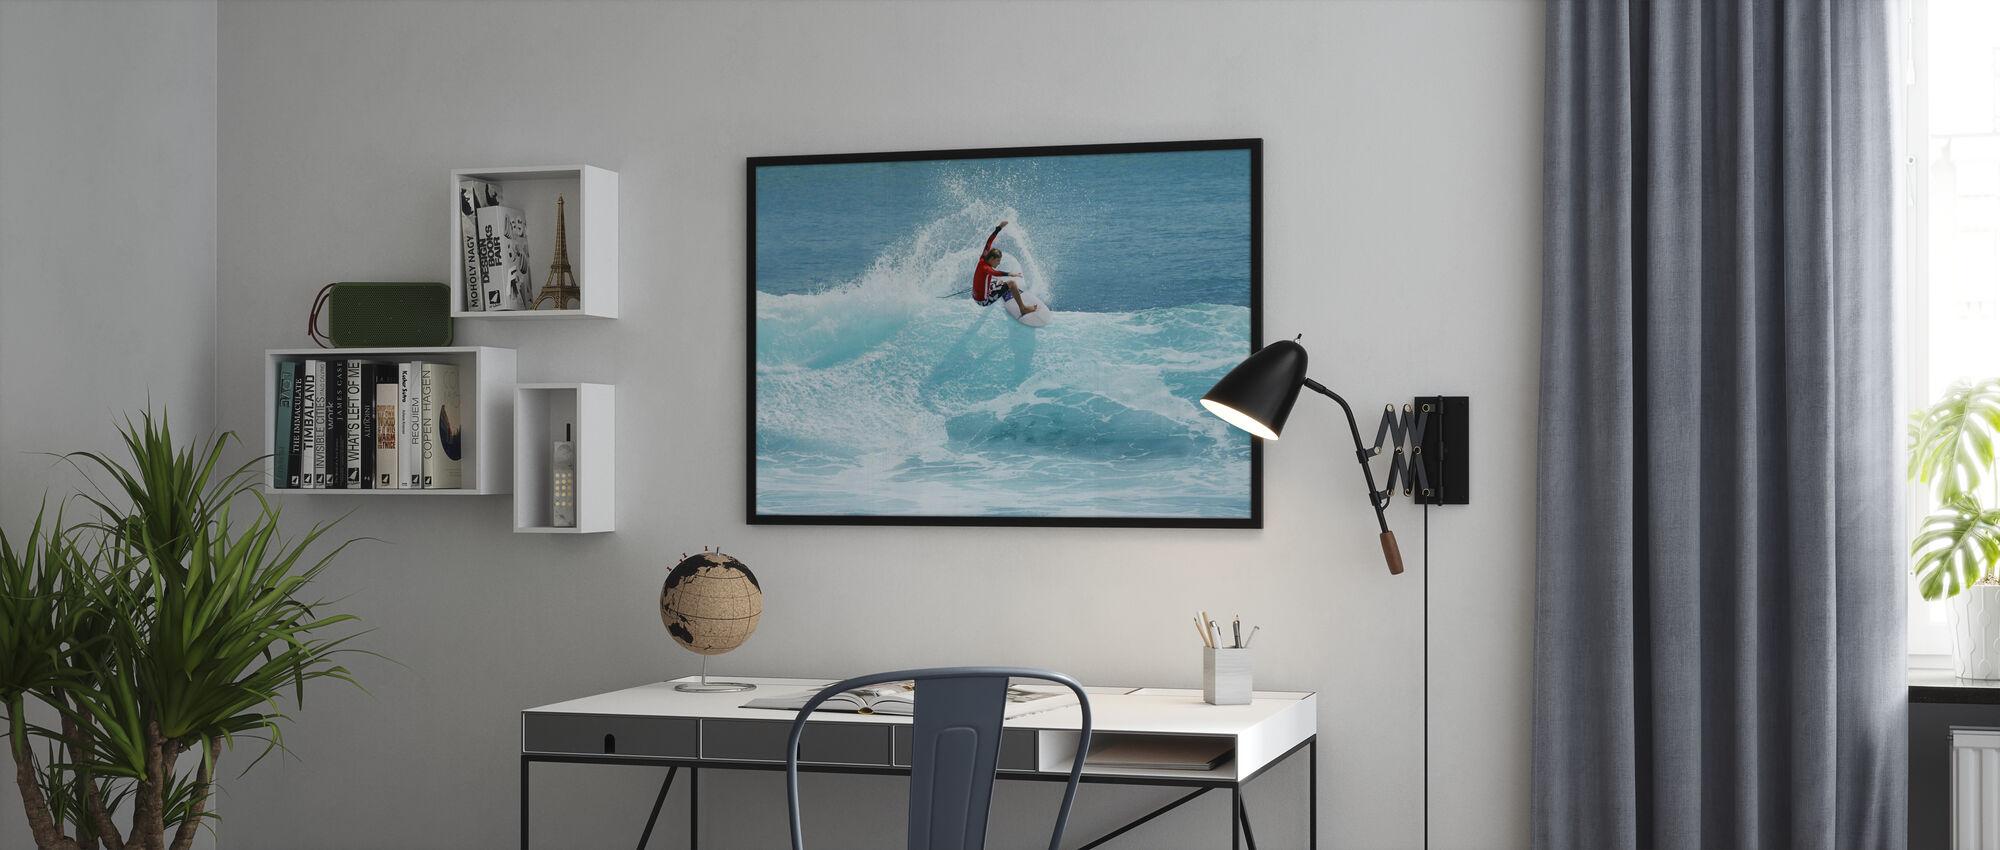 Surfer carving Top af bølge - Plakat - Kontor